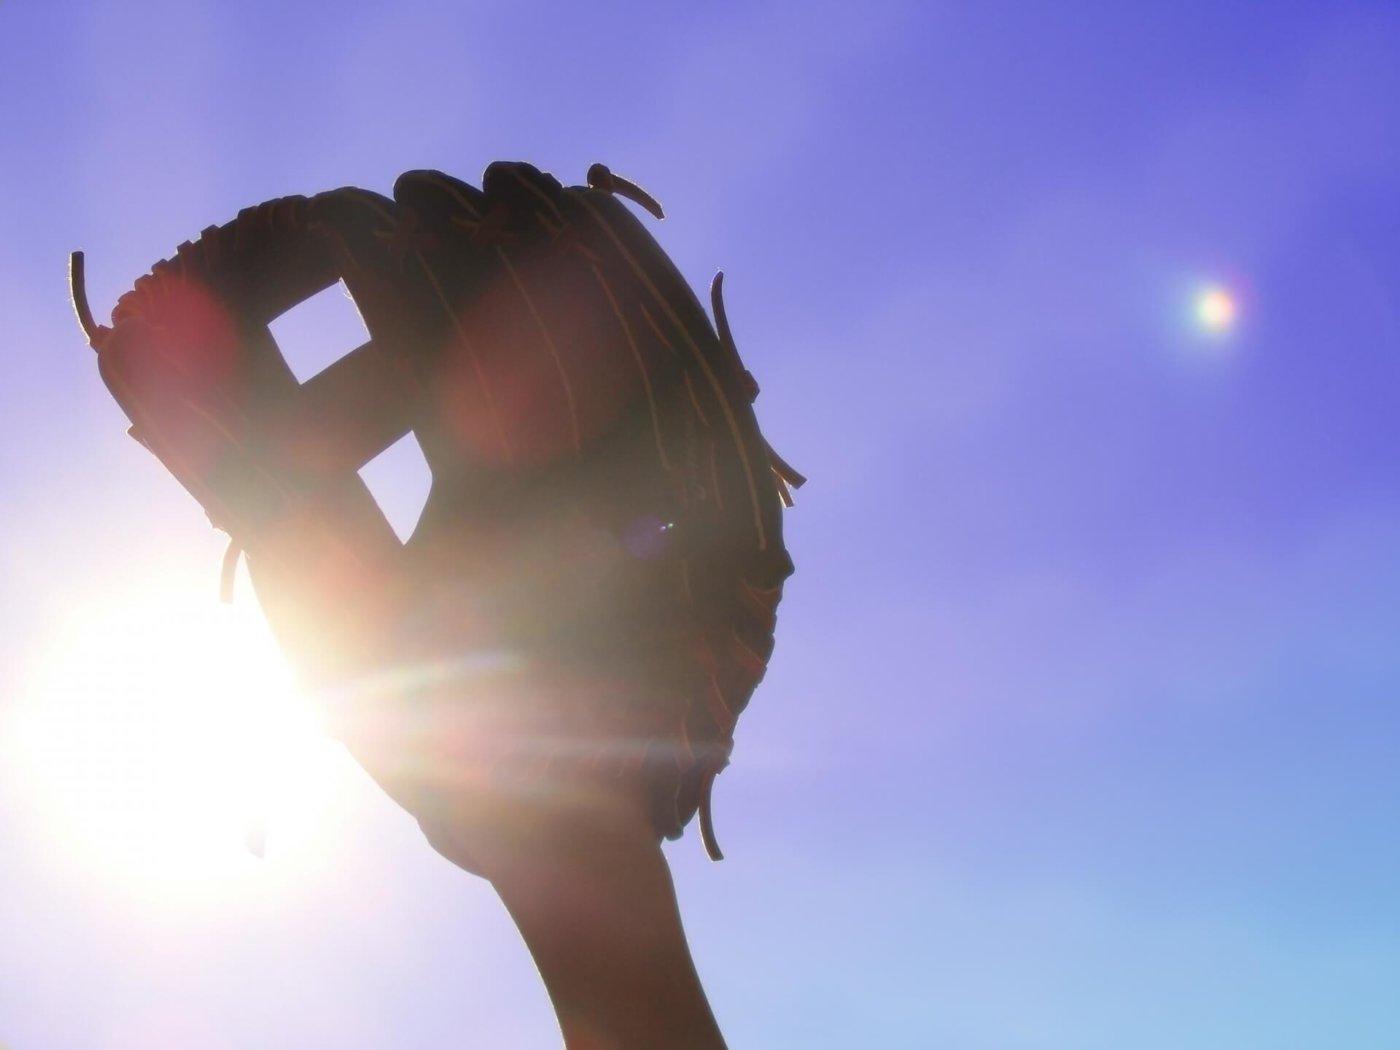 ソフトボールの投げ方のコツ